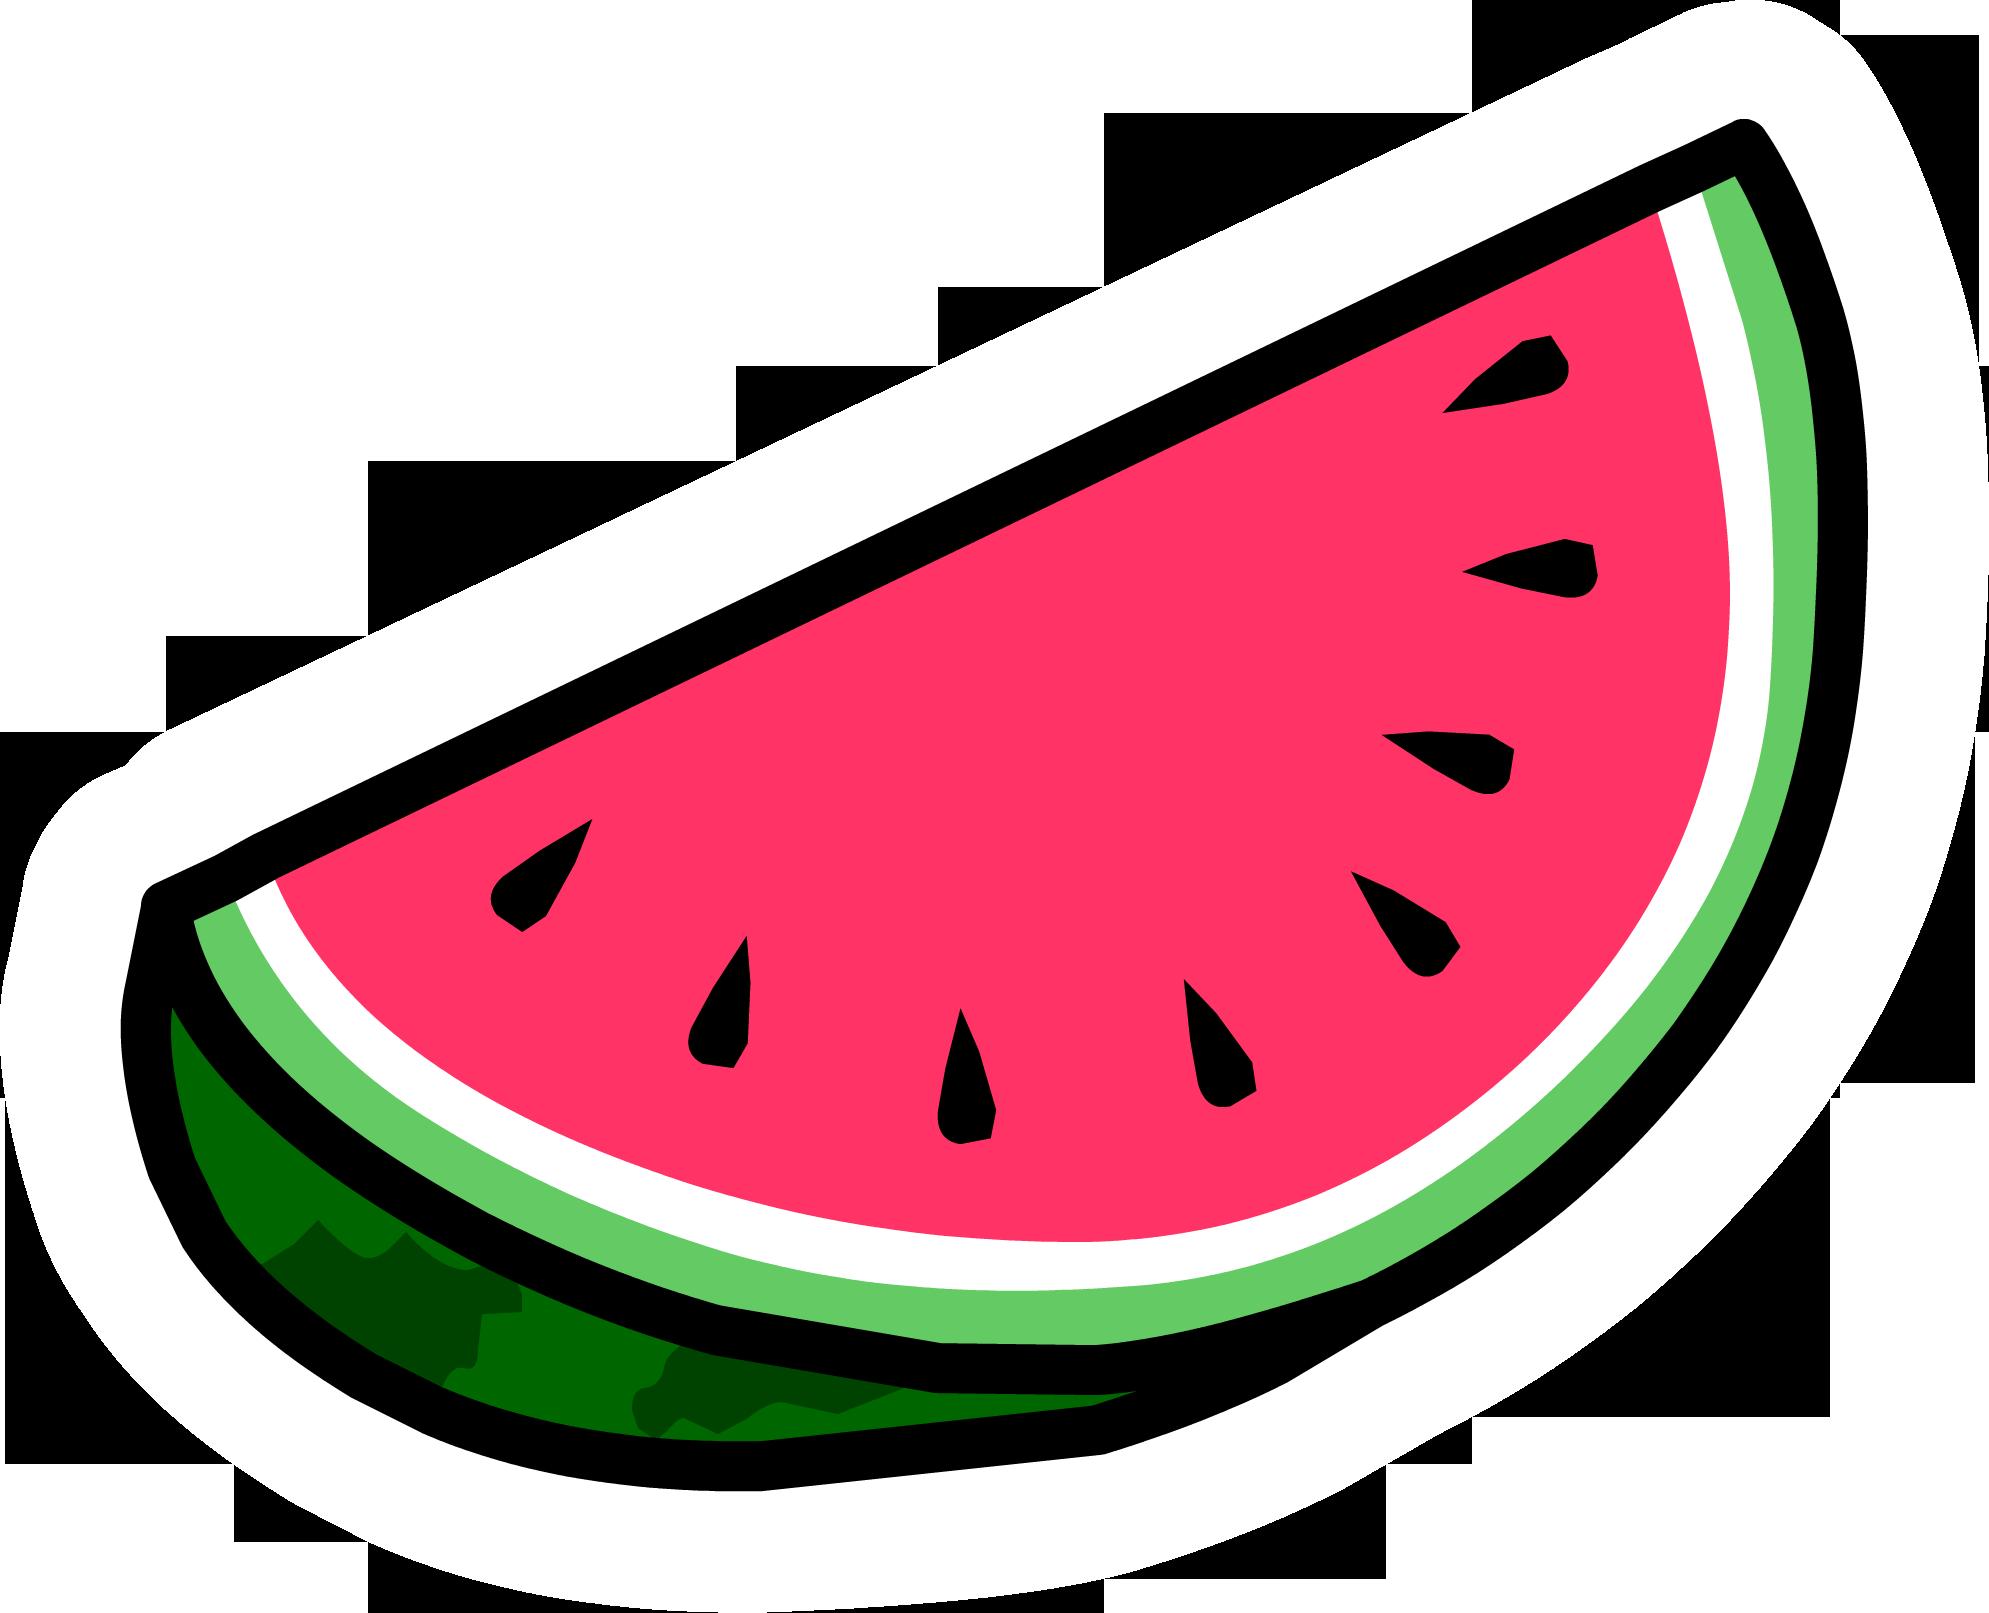 Watermelon Pin Club Penguin Wiki Fandom Powered By Wikia